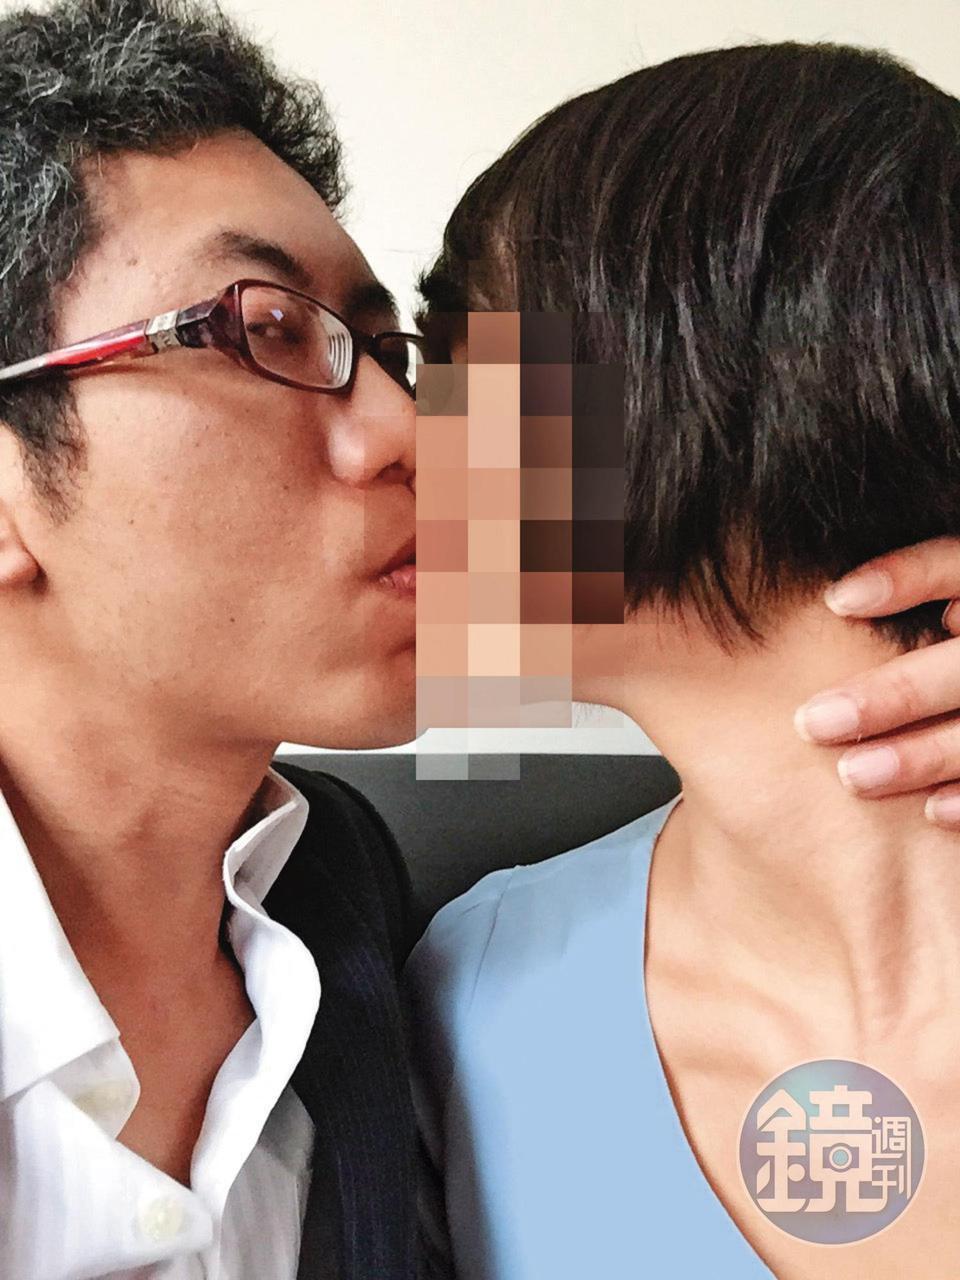 丁允恭是在2014年擔任高雄市新聞局長期間與Y女交往,2人互動親密。(Y女提供,照片經變裝處理)